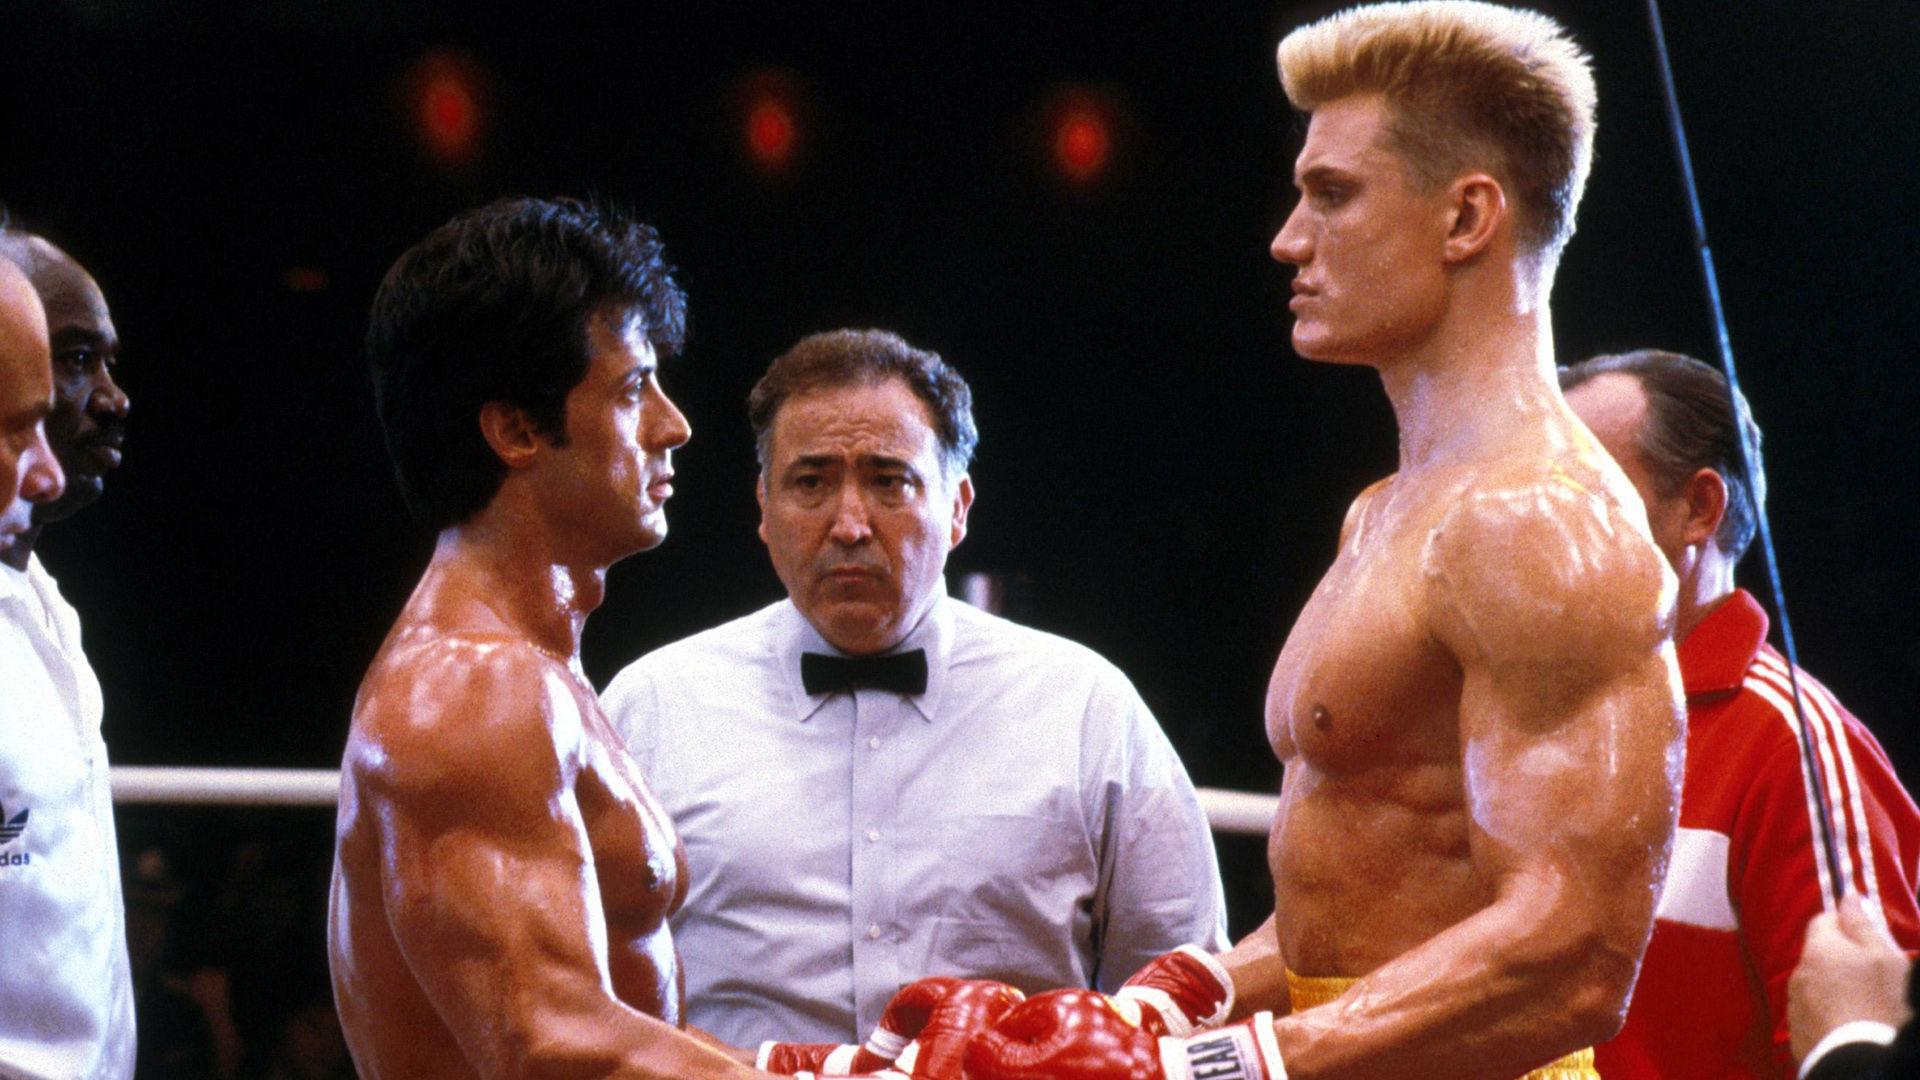 ¿Qué fecha se elige para que tenga lugar la pelea entre Rocky e Iván Drago?